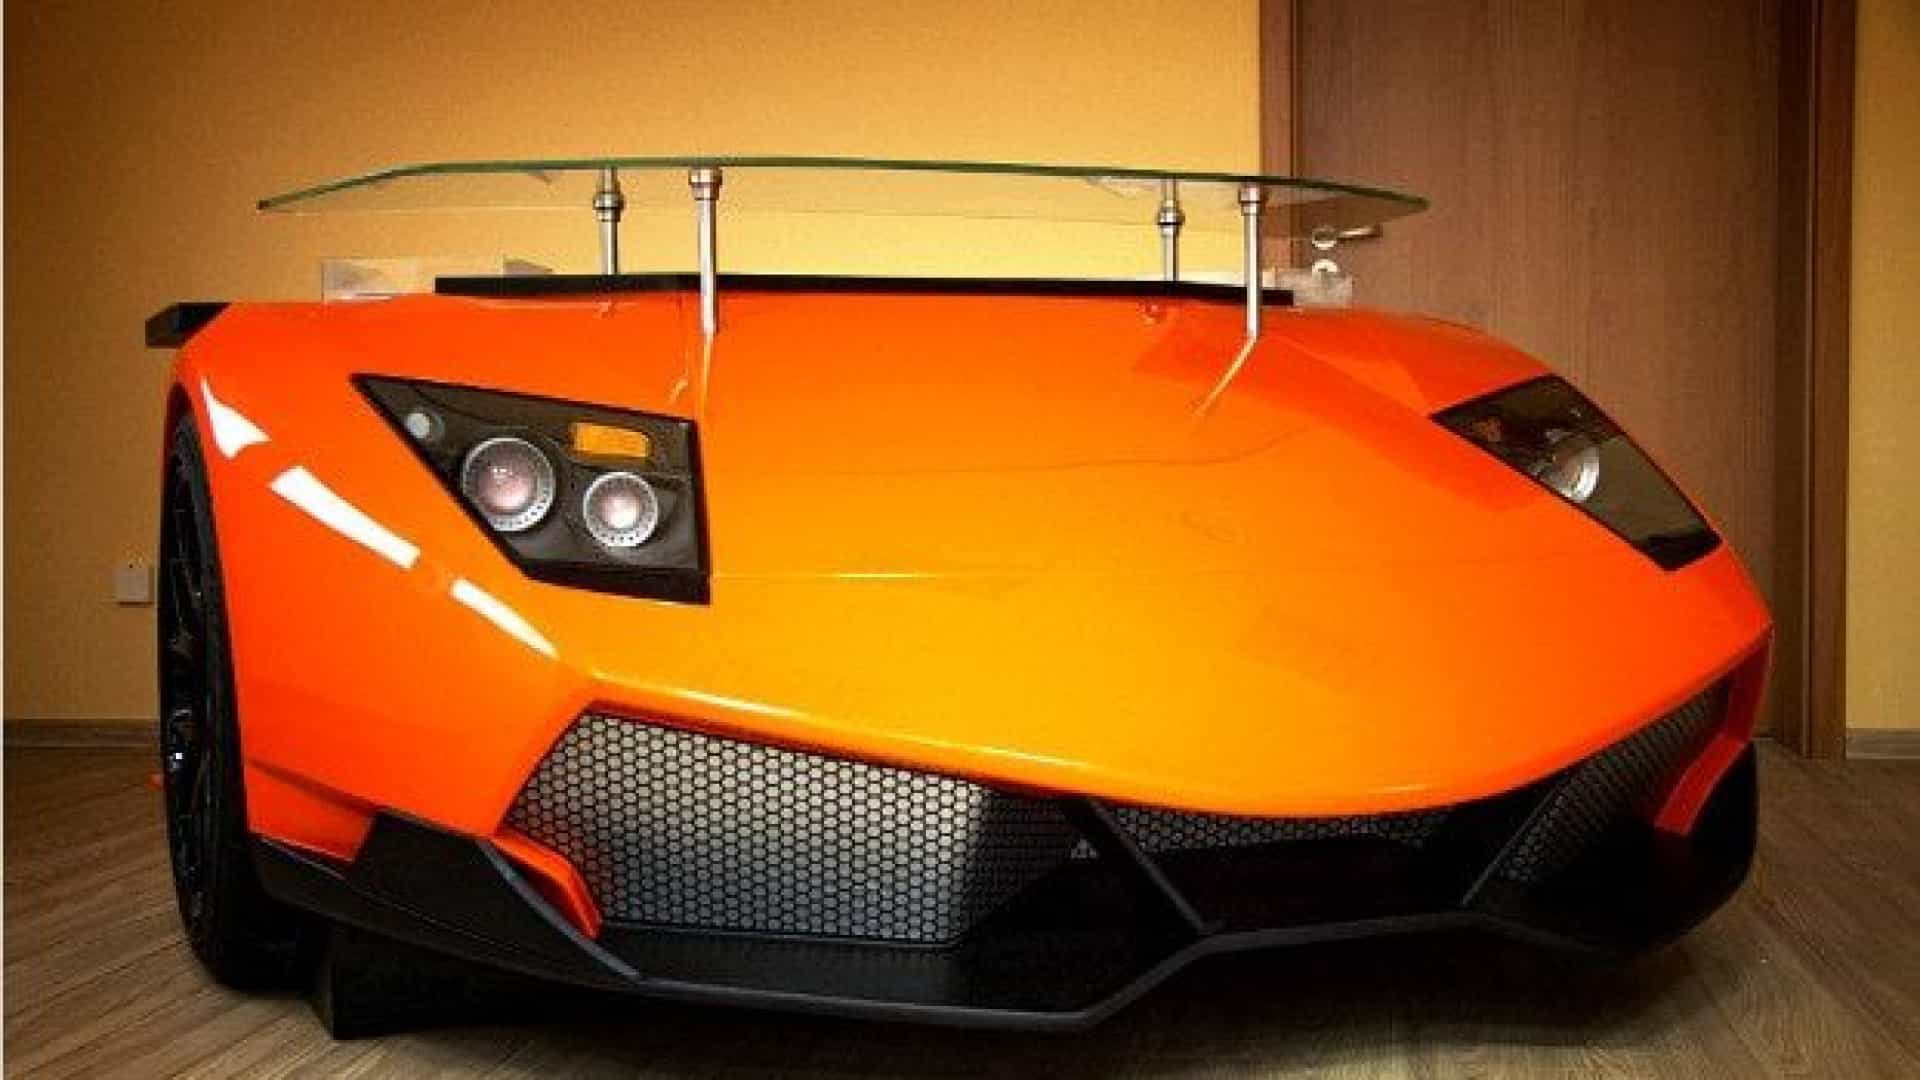 E se a sua secretária fosse um... Lamborghini Aventador?